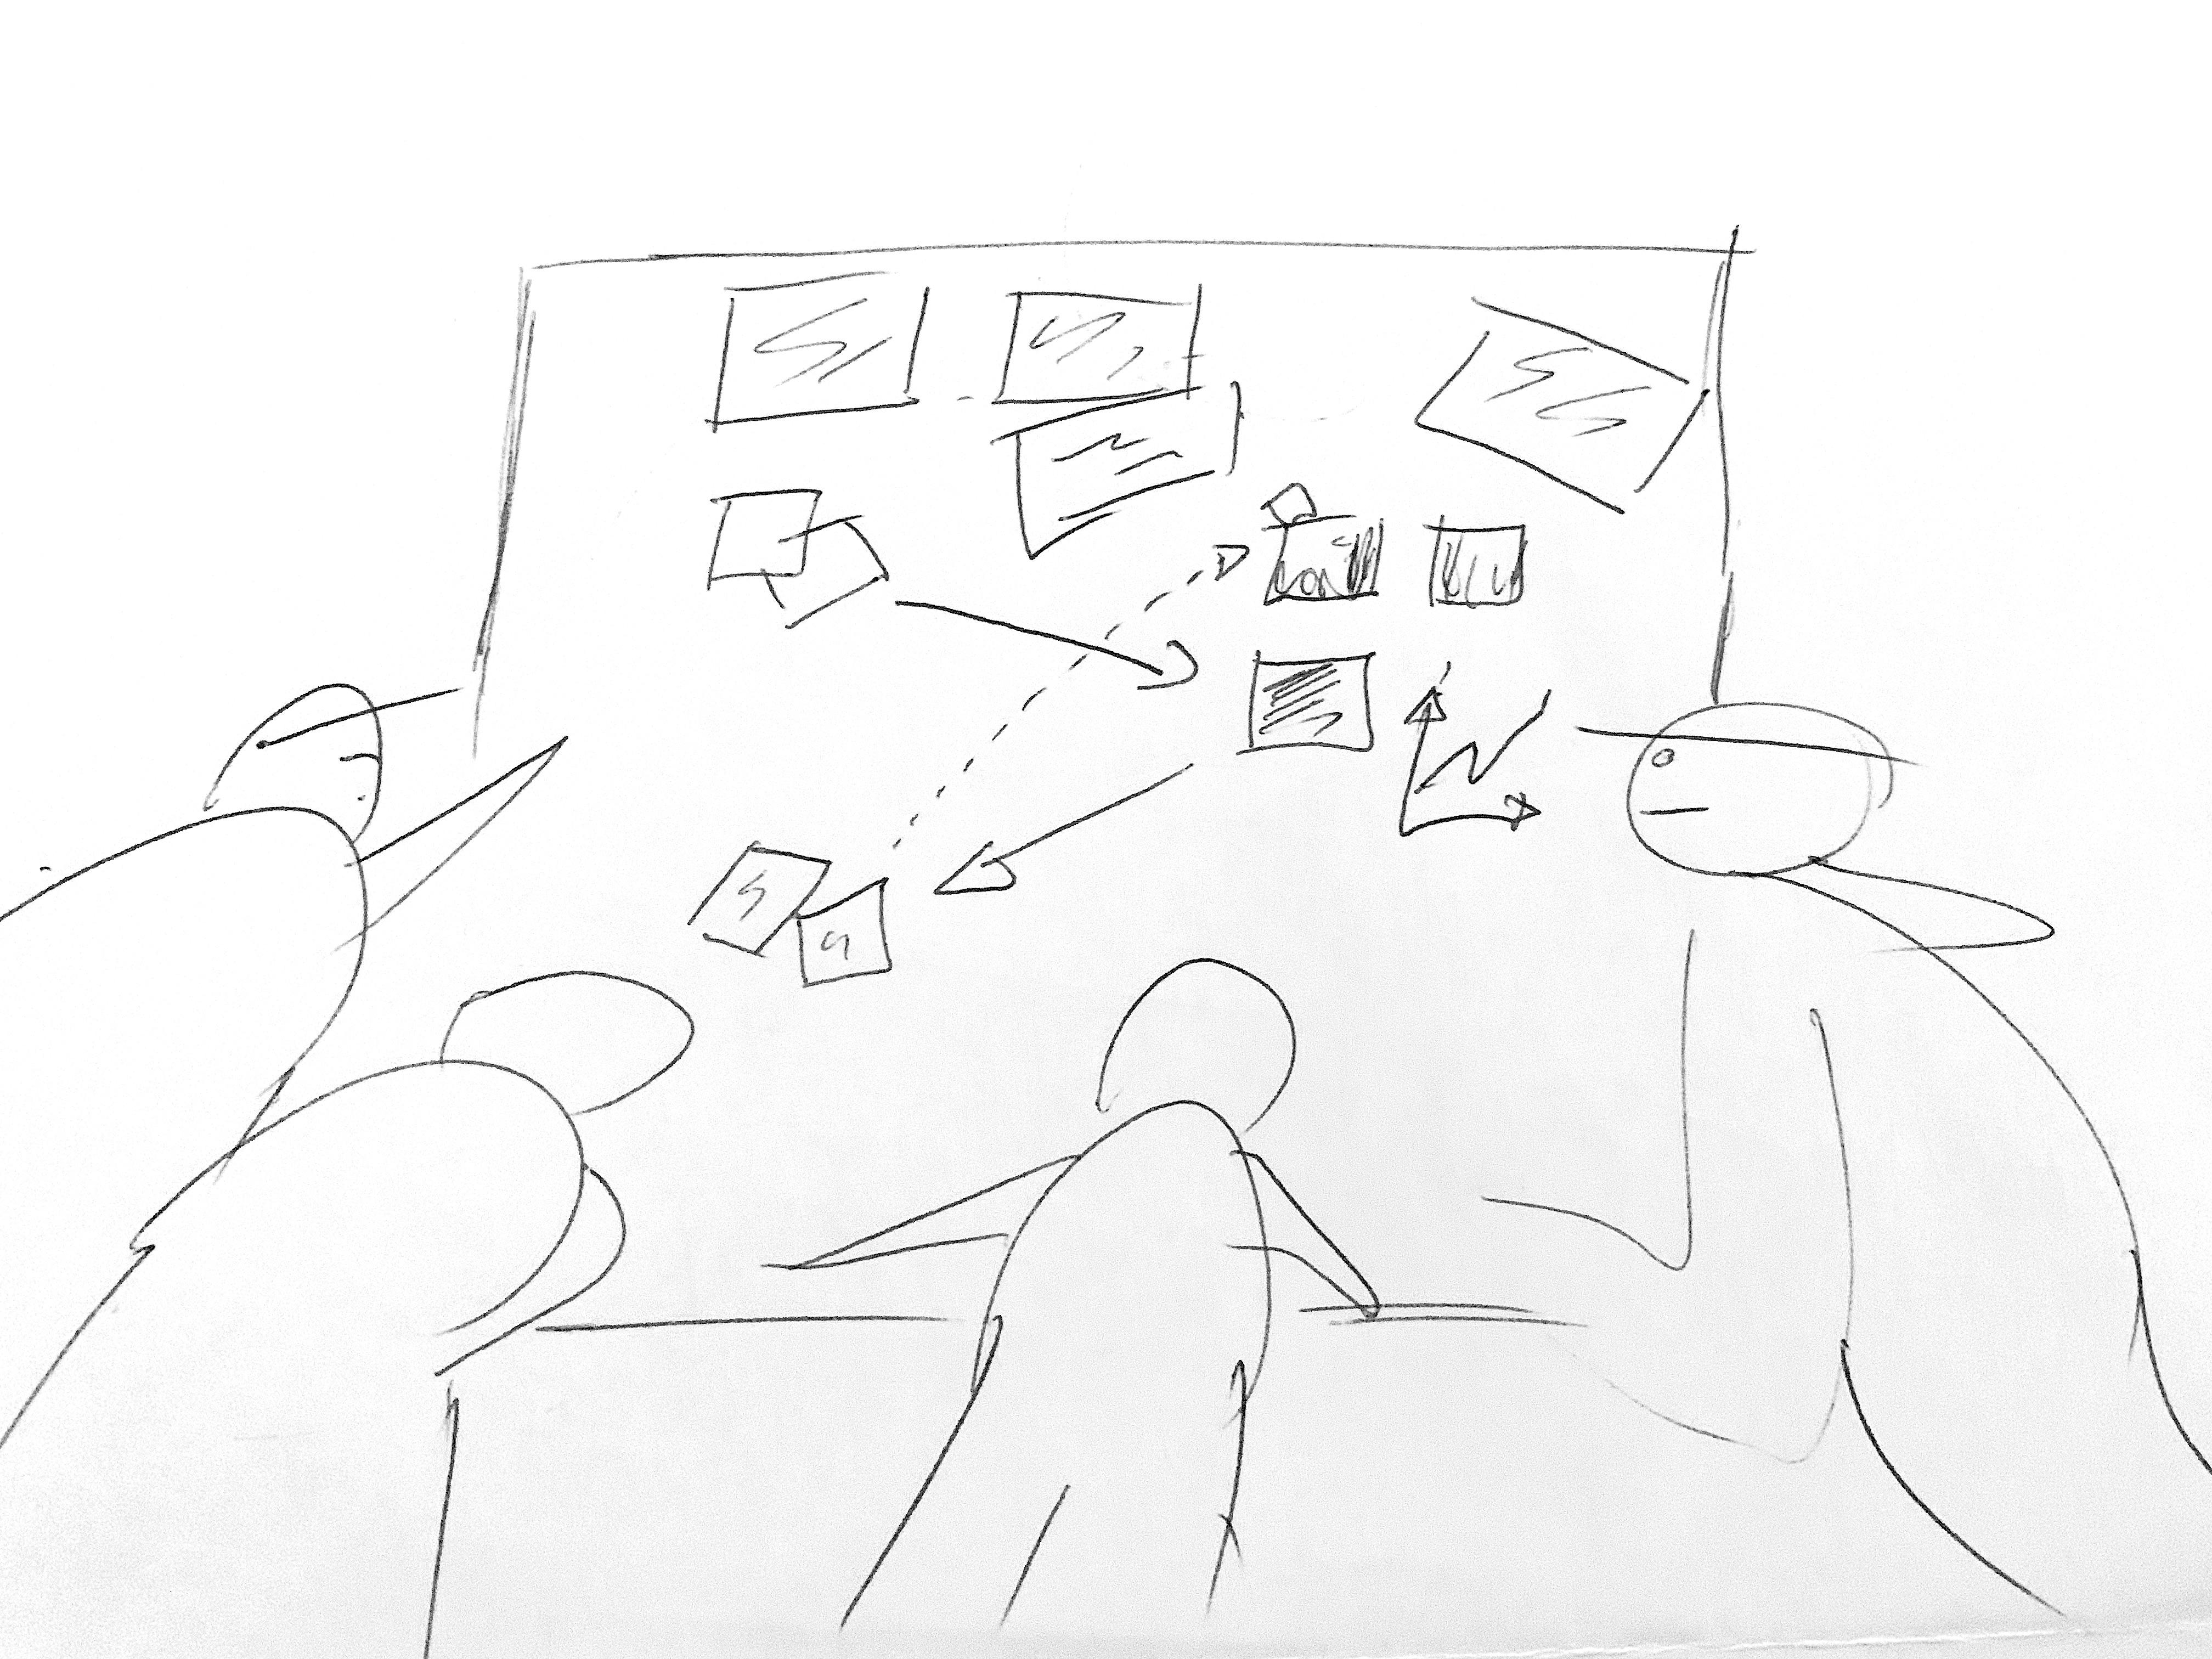 Om doelstellingen en daaraan gekoppelde acties te bepalen, is het noodzakelijk dat je eerst een goed overzicht hebt van jouw archief en/of je collecties. (Meer informatie daarover vind je bij: Breng je archief en collectie(s) in kaart.)